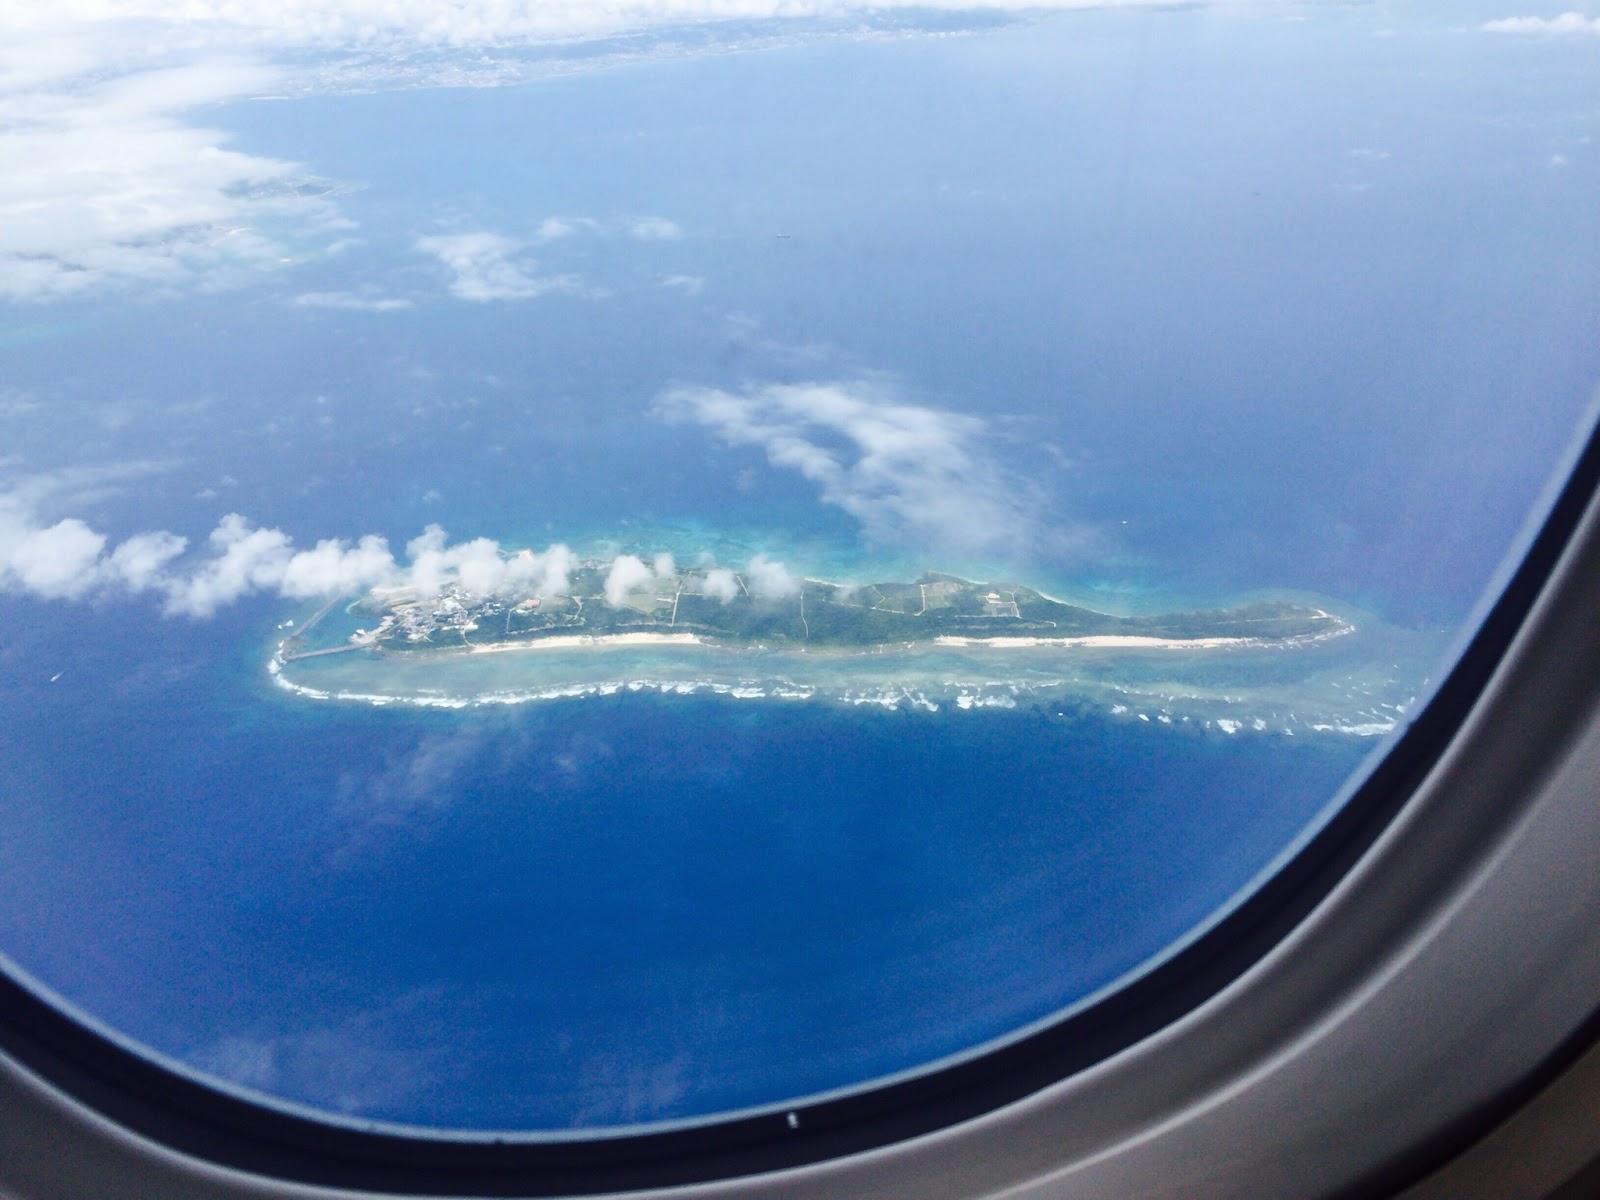 飛行機から久高島を見ることができます | 沖縄・久高島